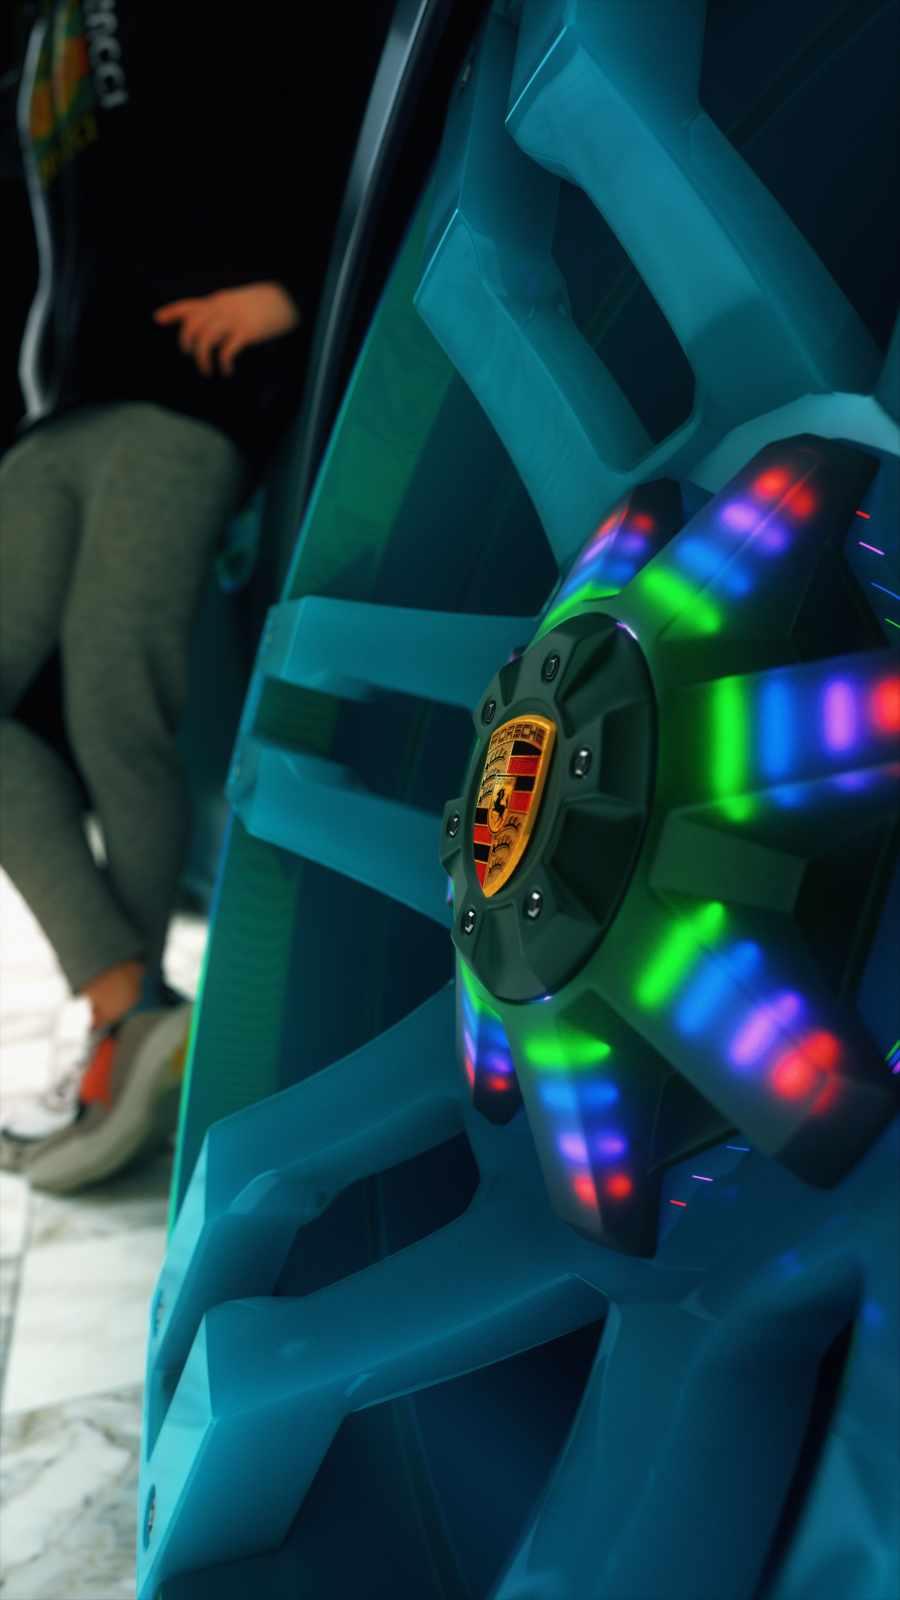 Porsche Alloy Wheel